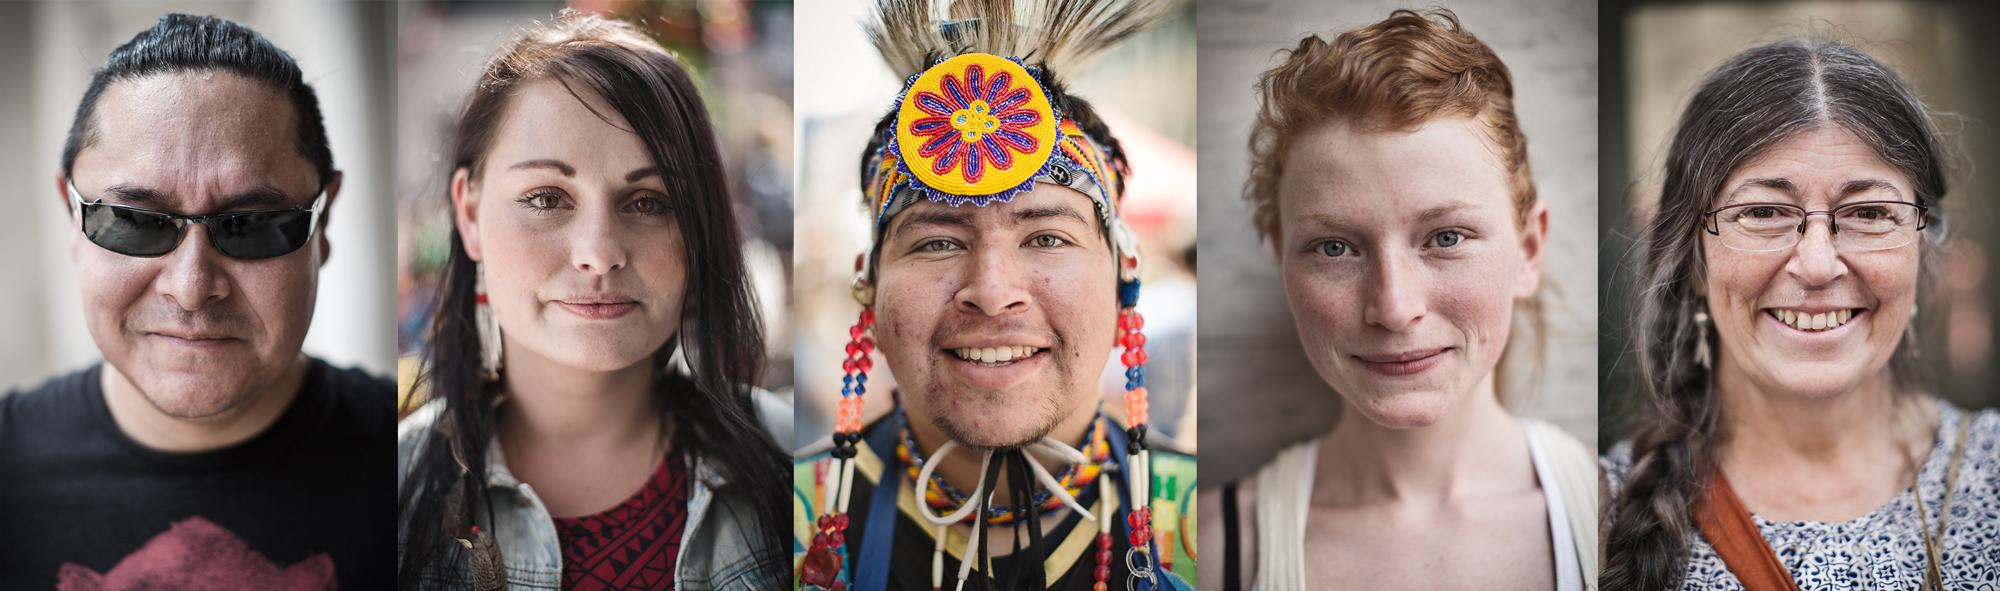 J'ai fait des portraits et entrevues de personnes qui assistaient à un Pow Wow lors du Forum social des Peuples, à Ottawa.